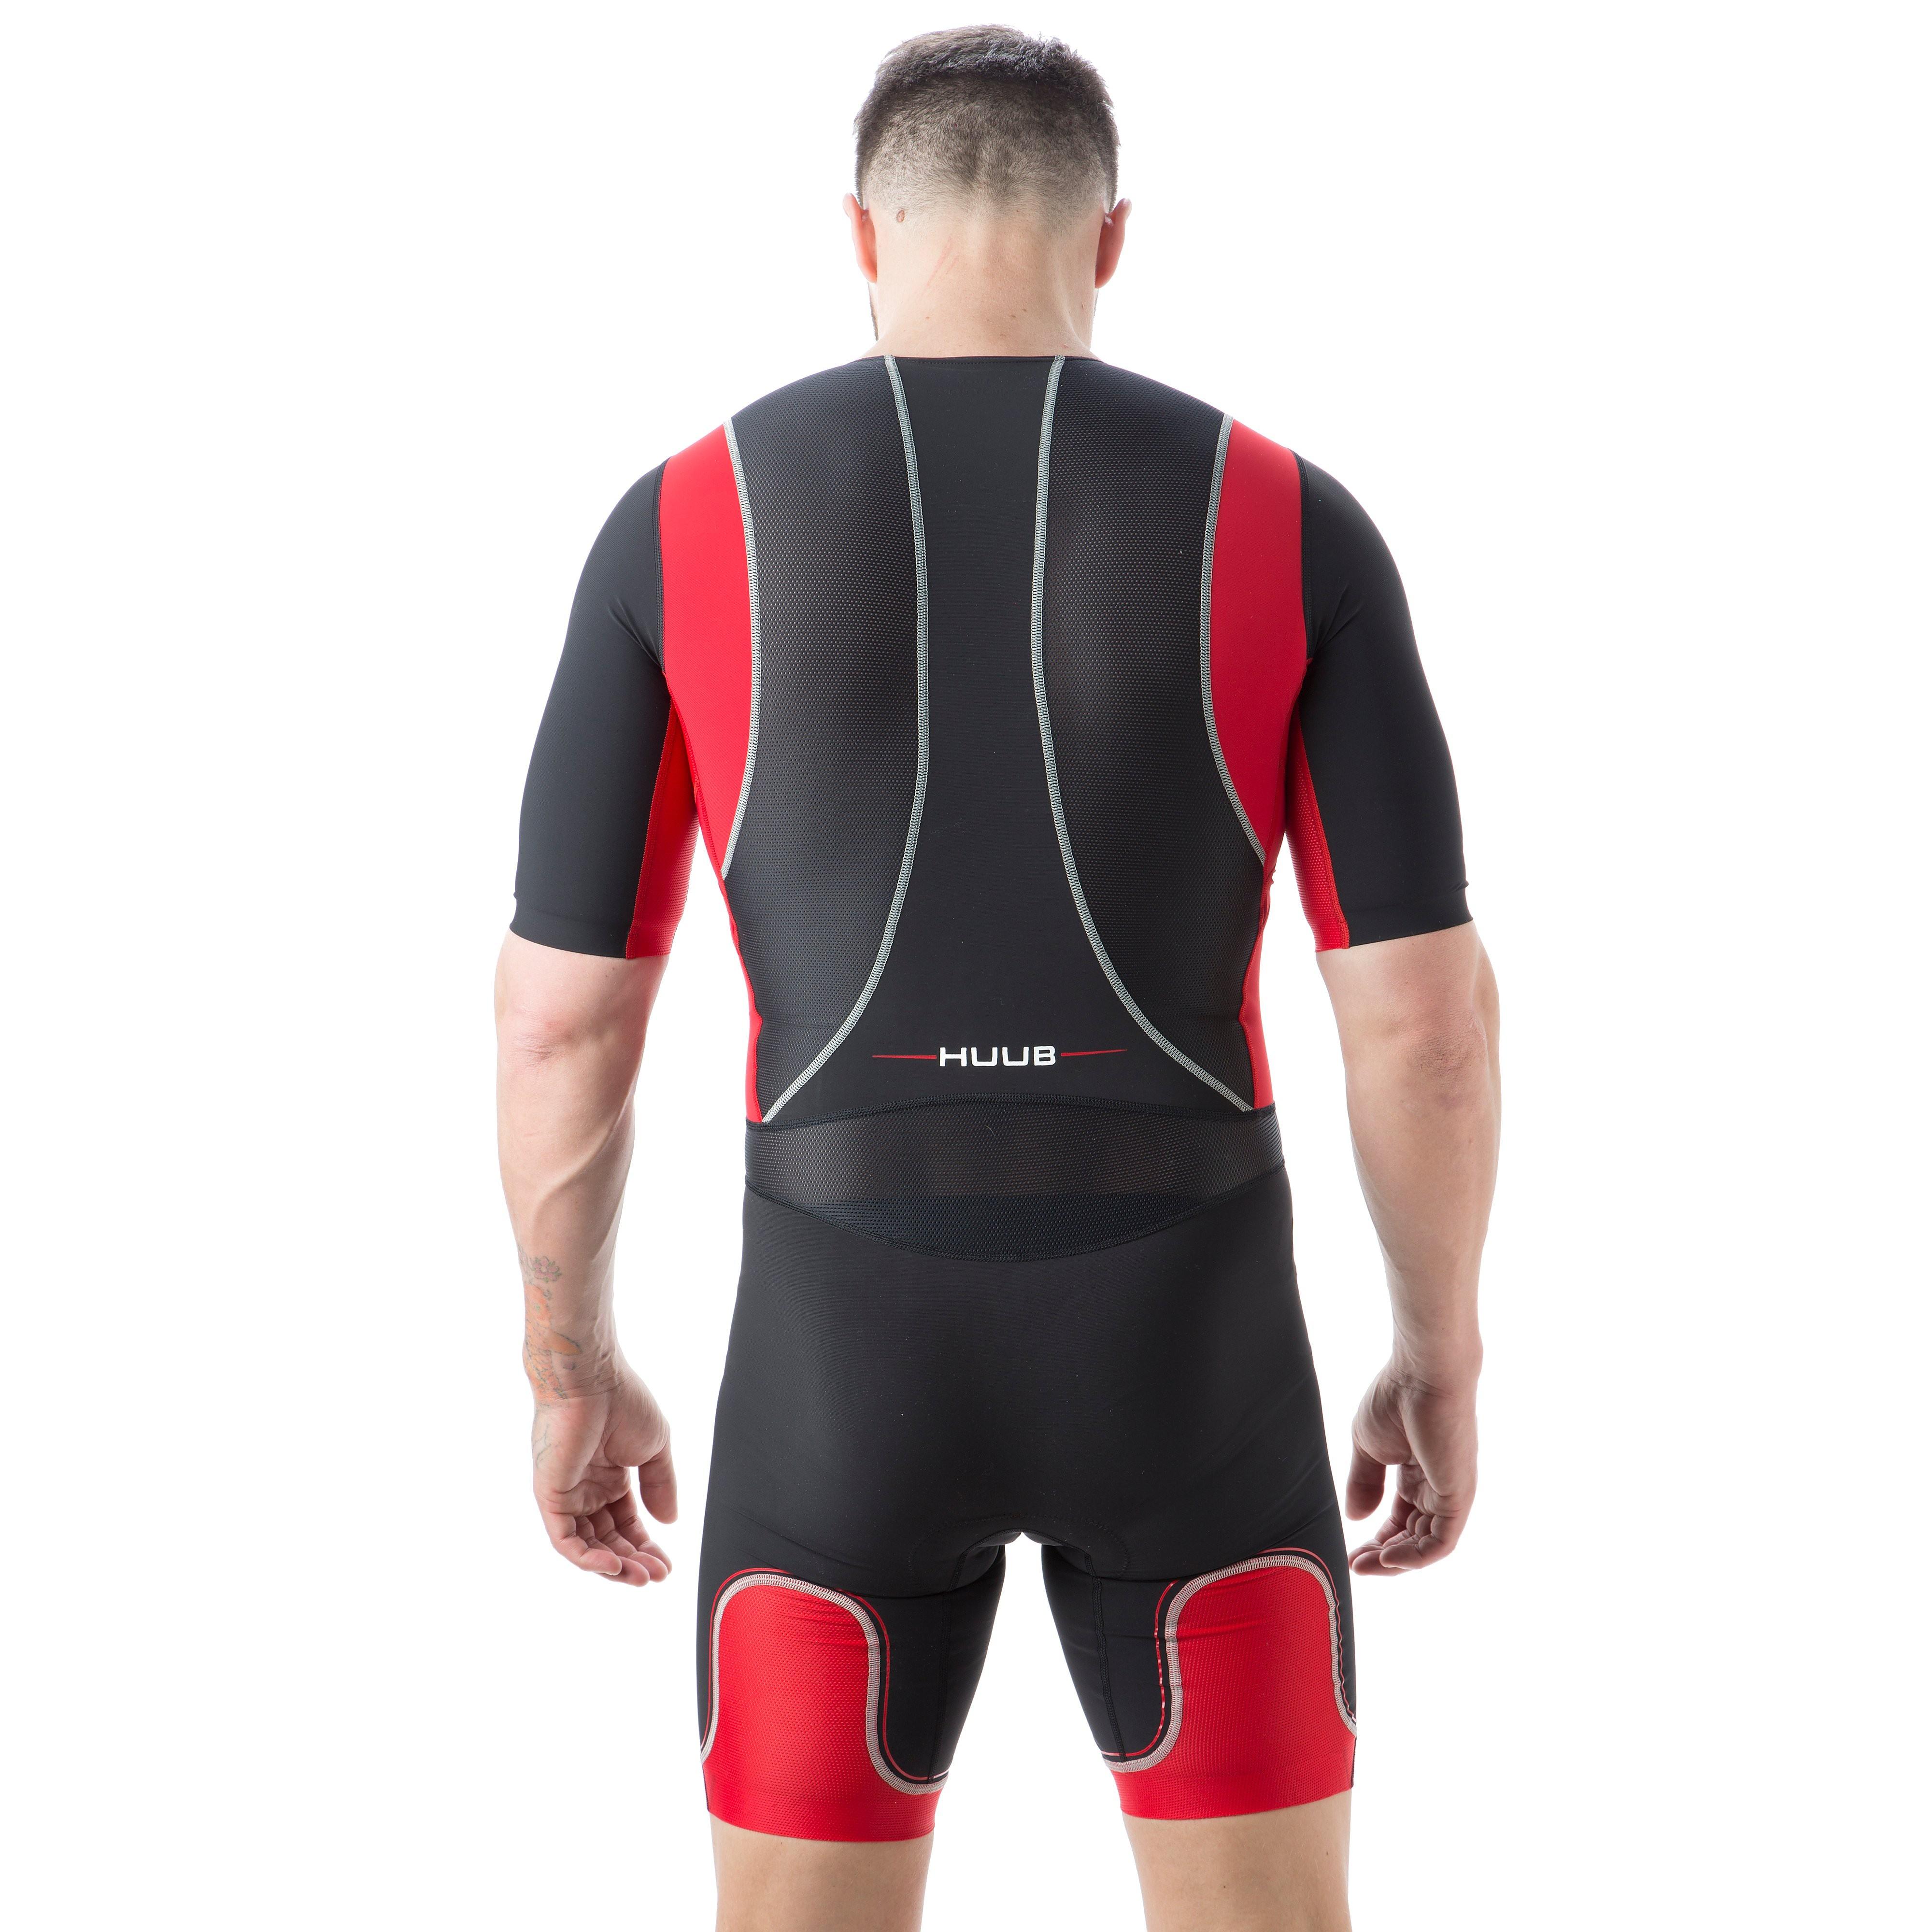 Huub Core Long Course Men's Trisuit